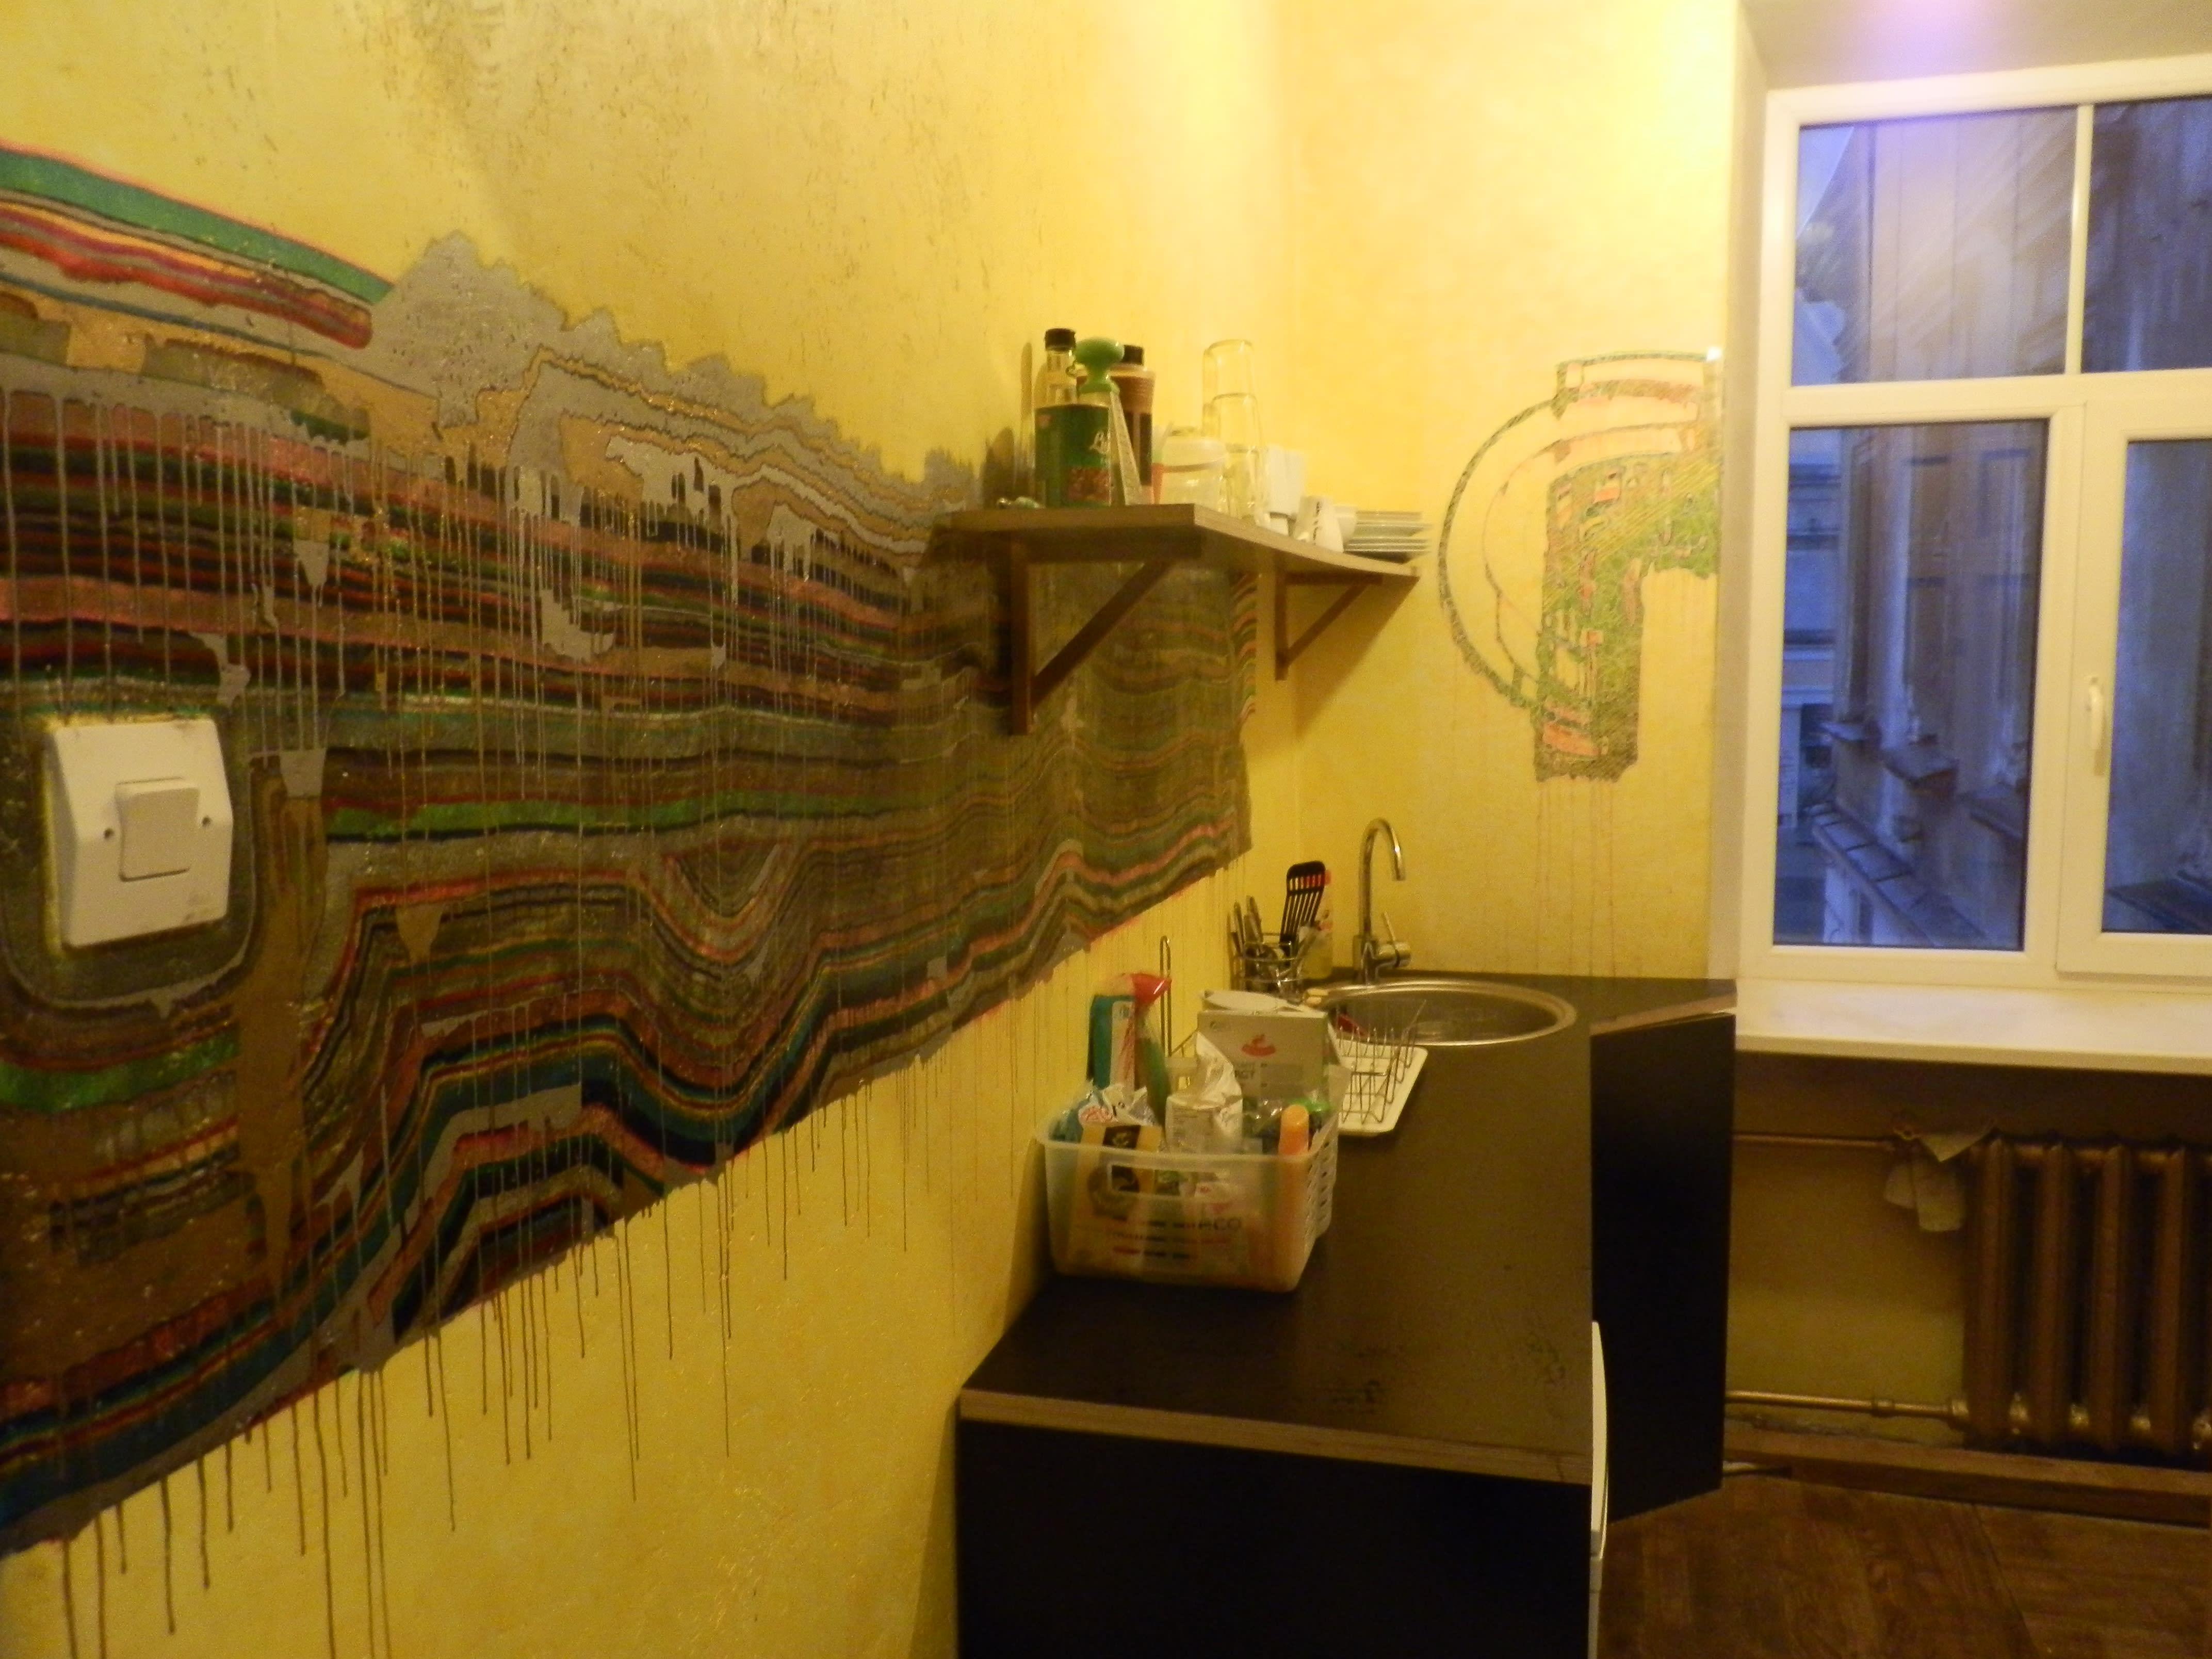 Above the Chomsky Bar Hostel